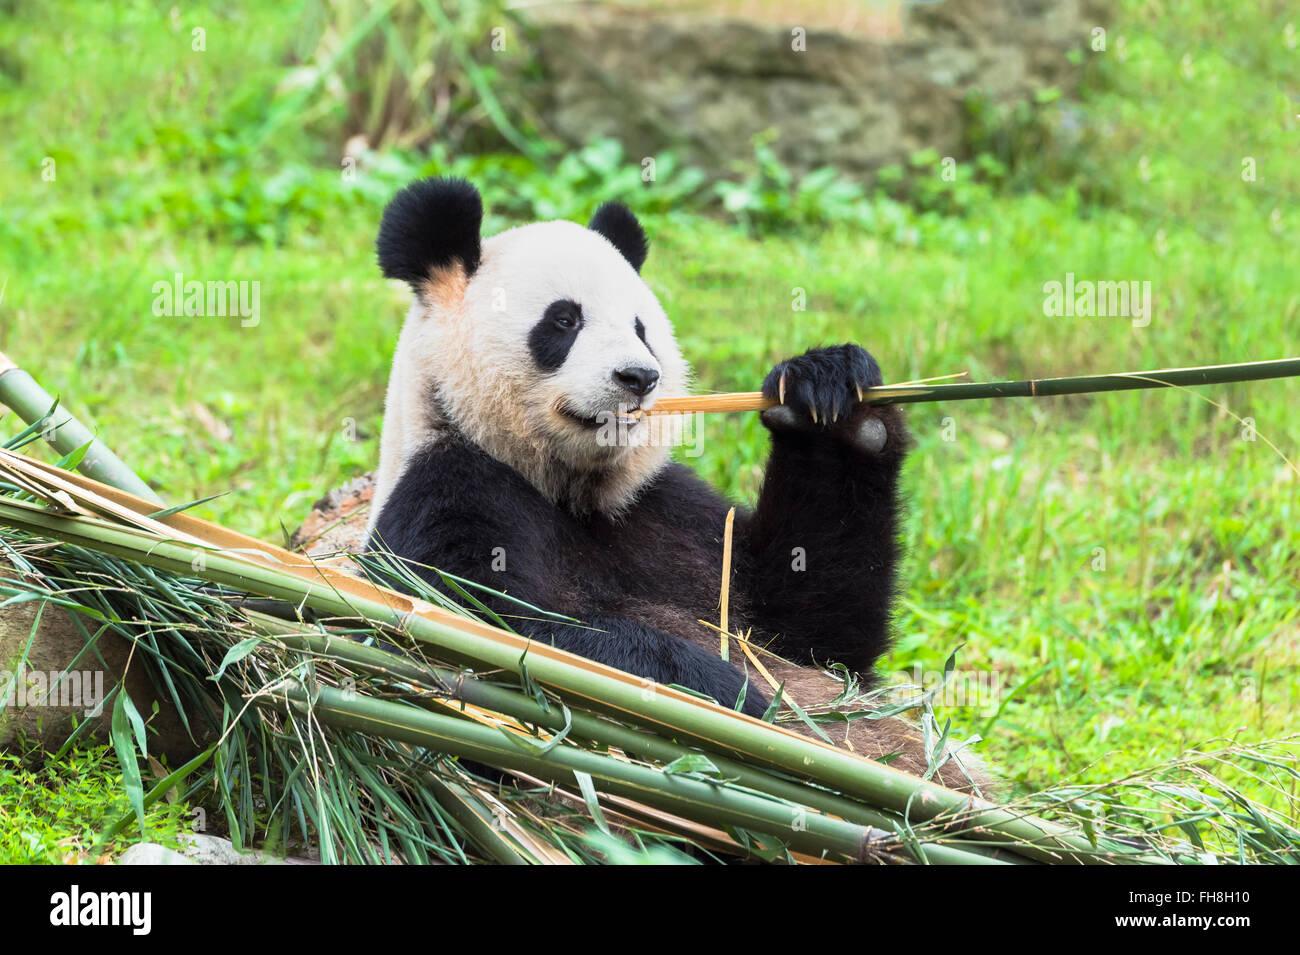 El panda gigante (Ailuropoda melanoleuca) comer bambú, China y el Centro de Investigación de la conservación Imagen De Stock